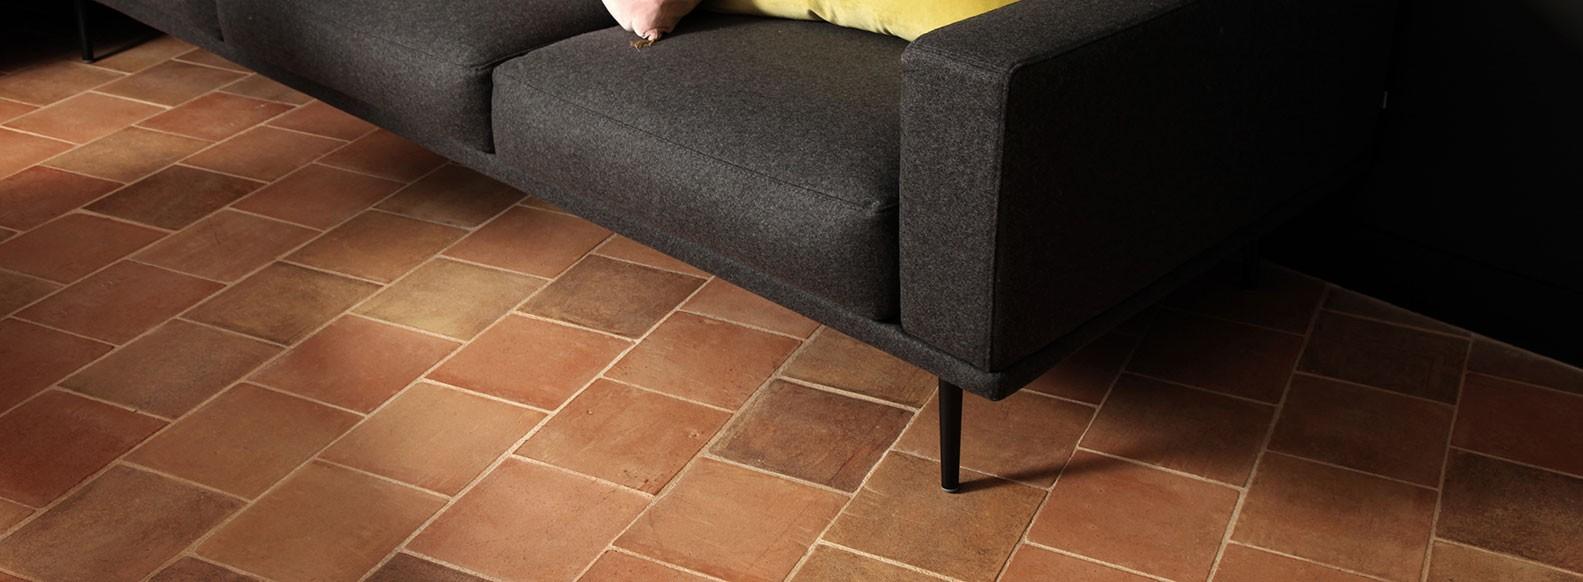 Terracotta floor tile for your interior - Terres Cuites de